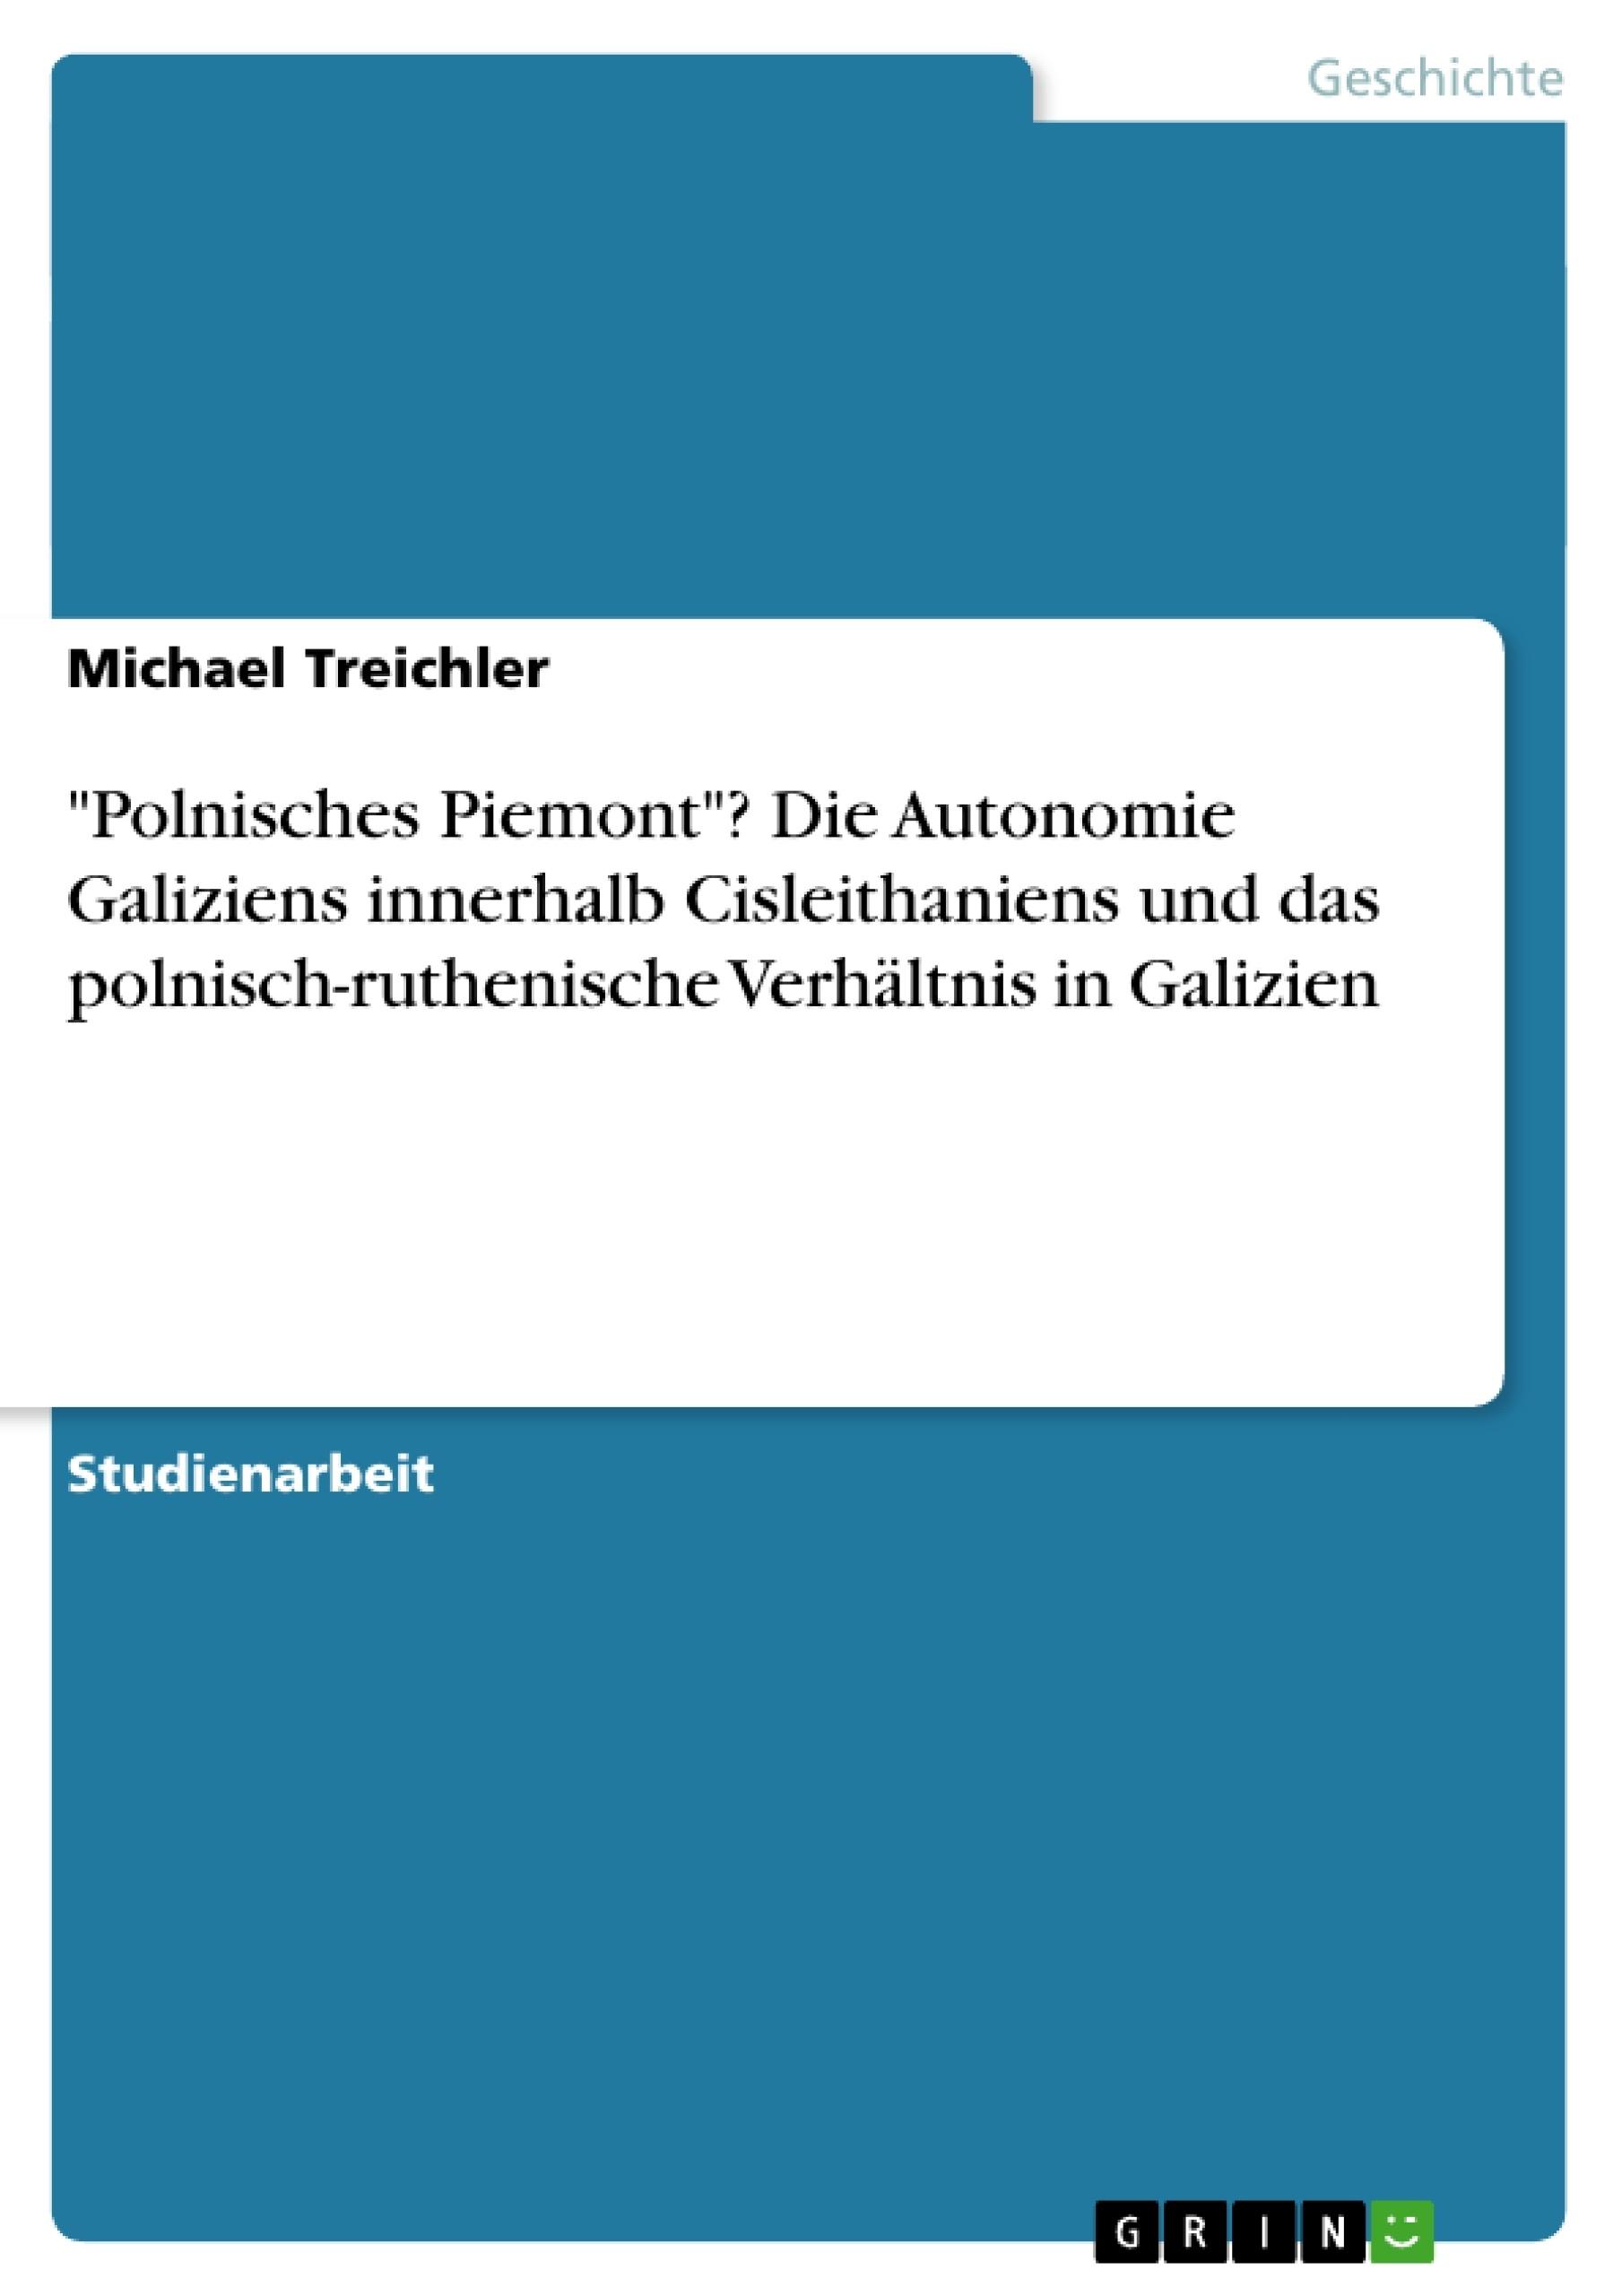 """Titel: """"Polnisches Piemont""""? Die Autonomie Galiziens innerhalb Cisleithaniens und das polnisch-ruthenische Verhältnis in Galizien"""